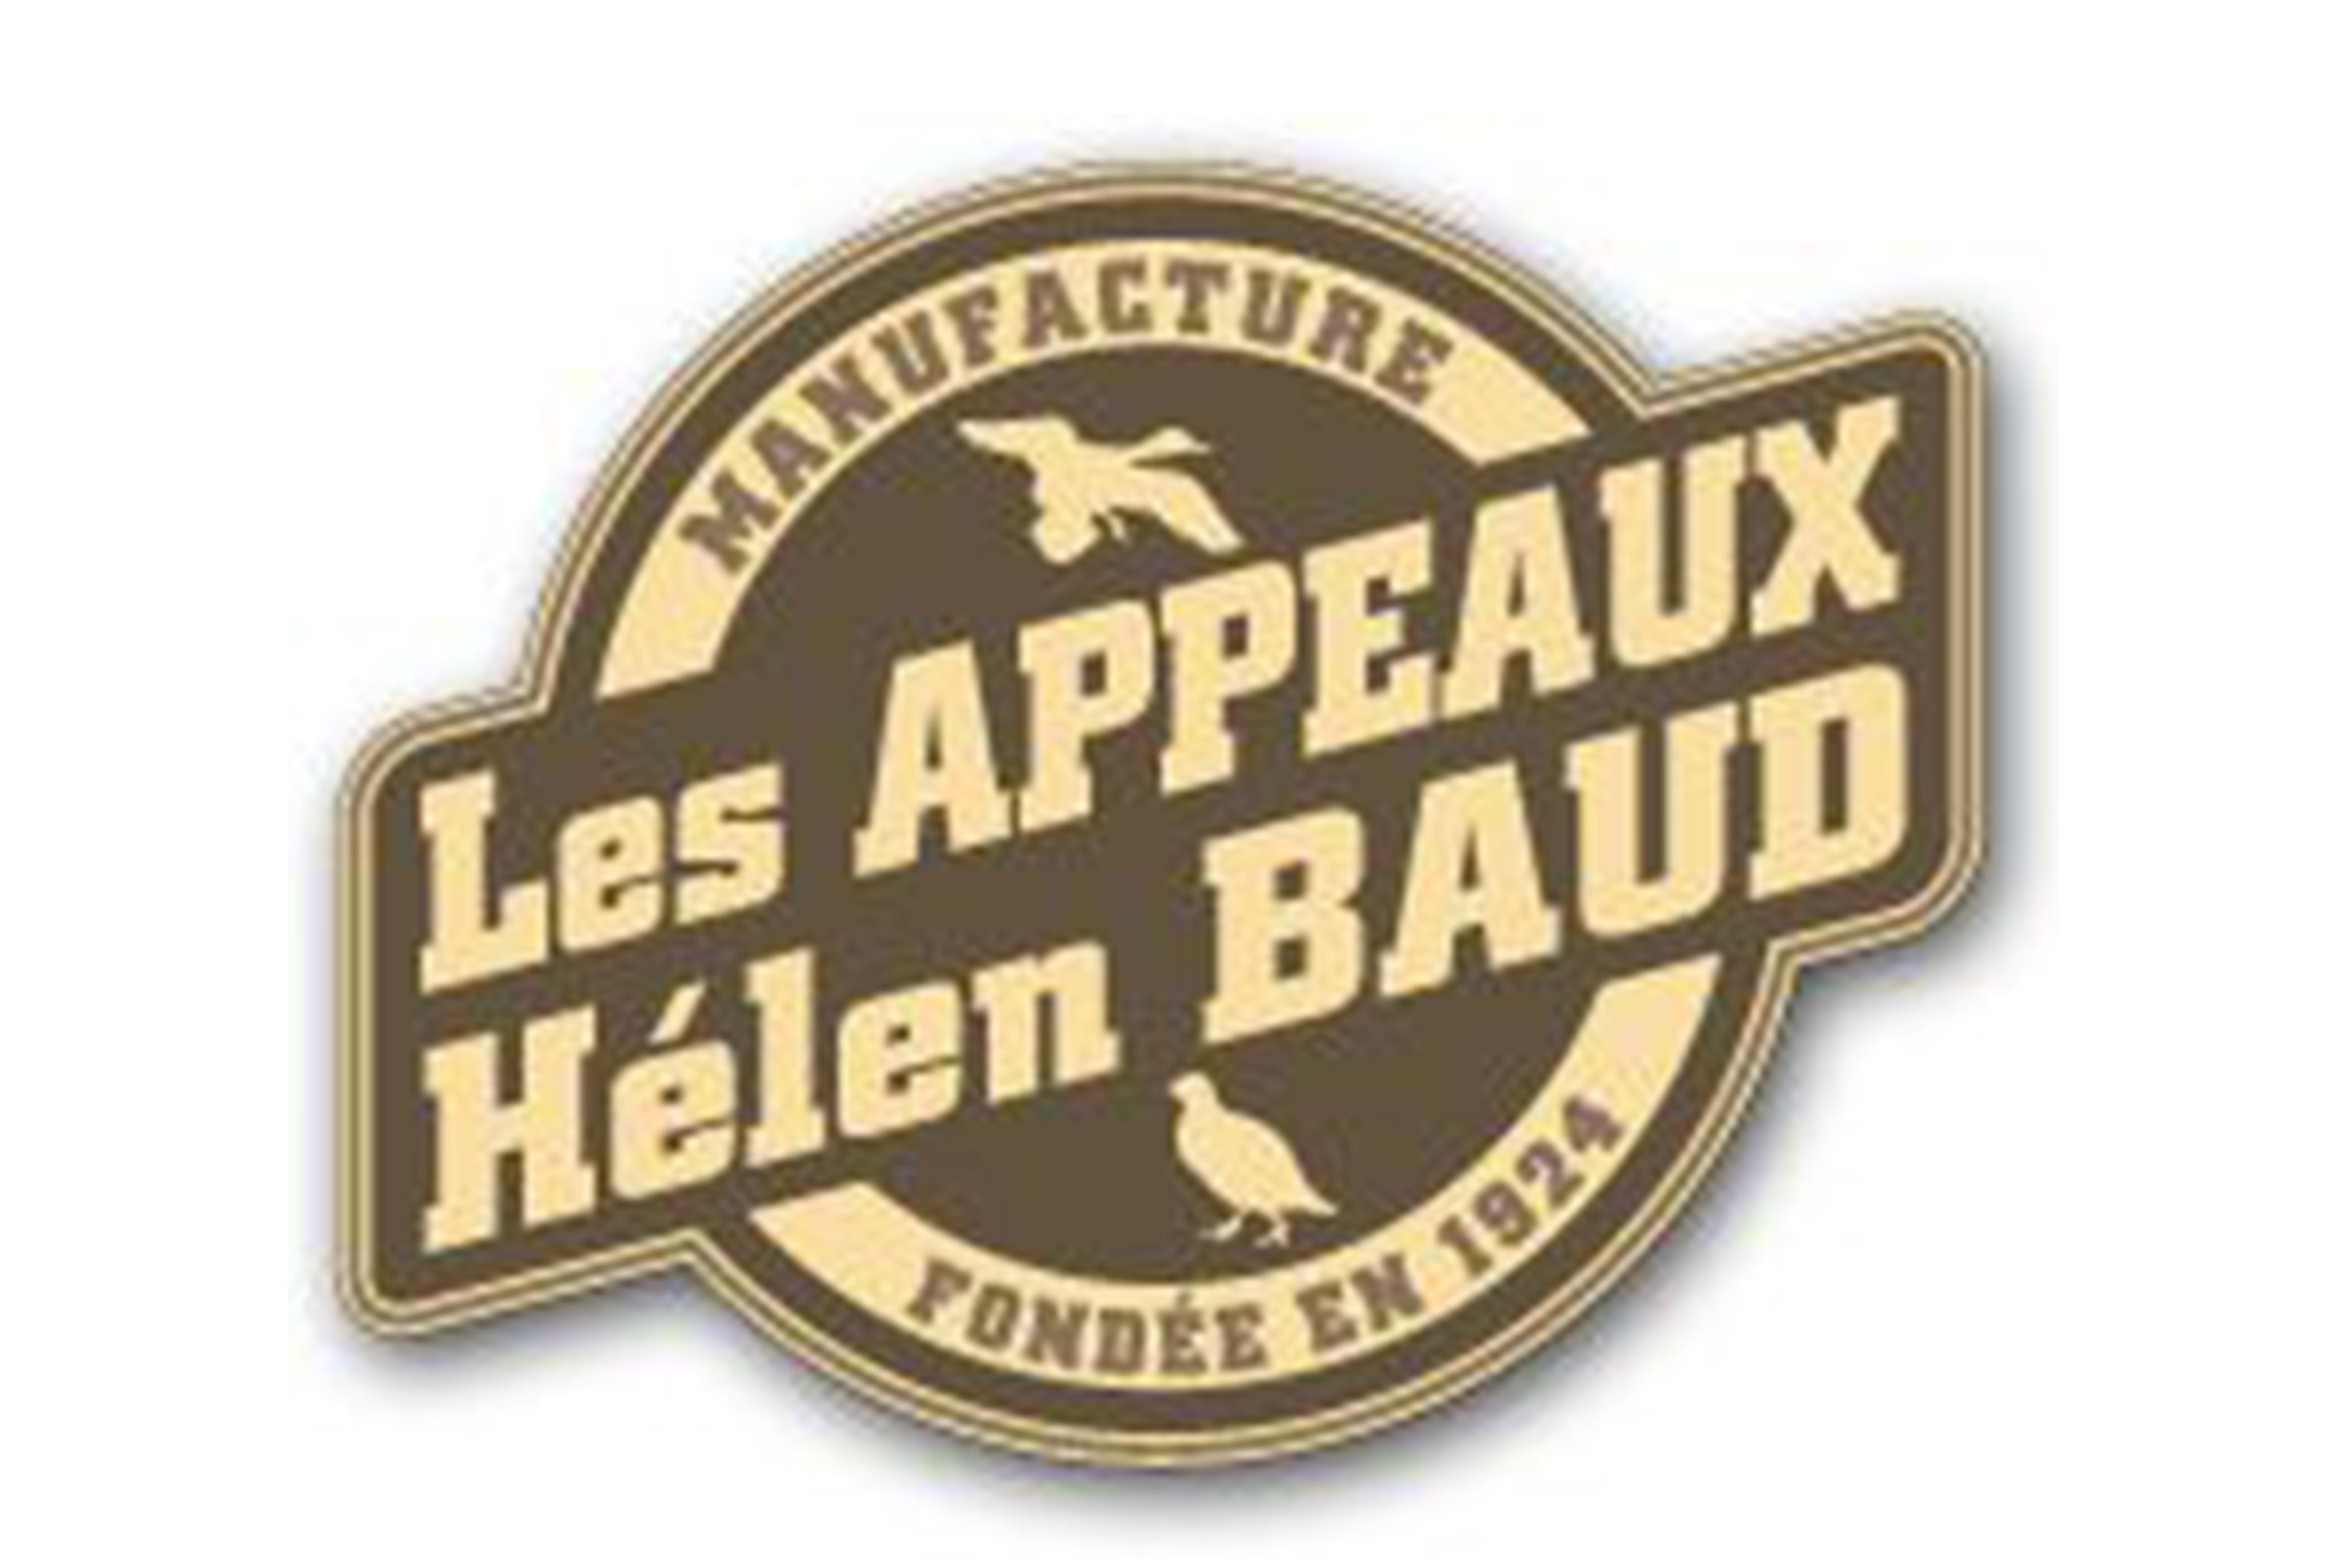 Monture Helen Baud